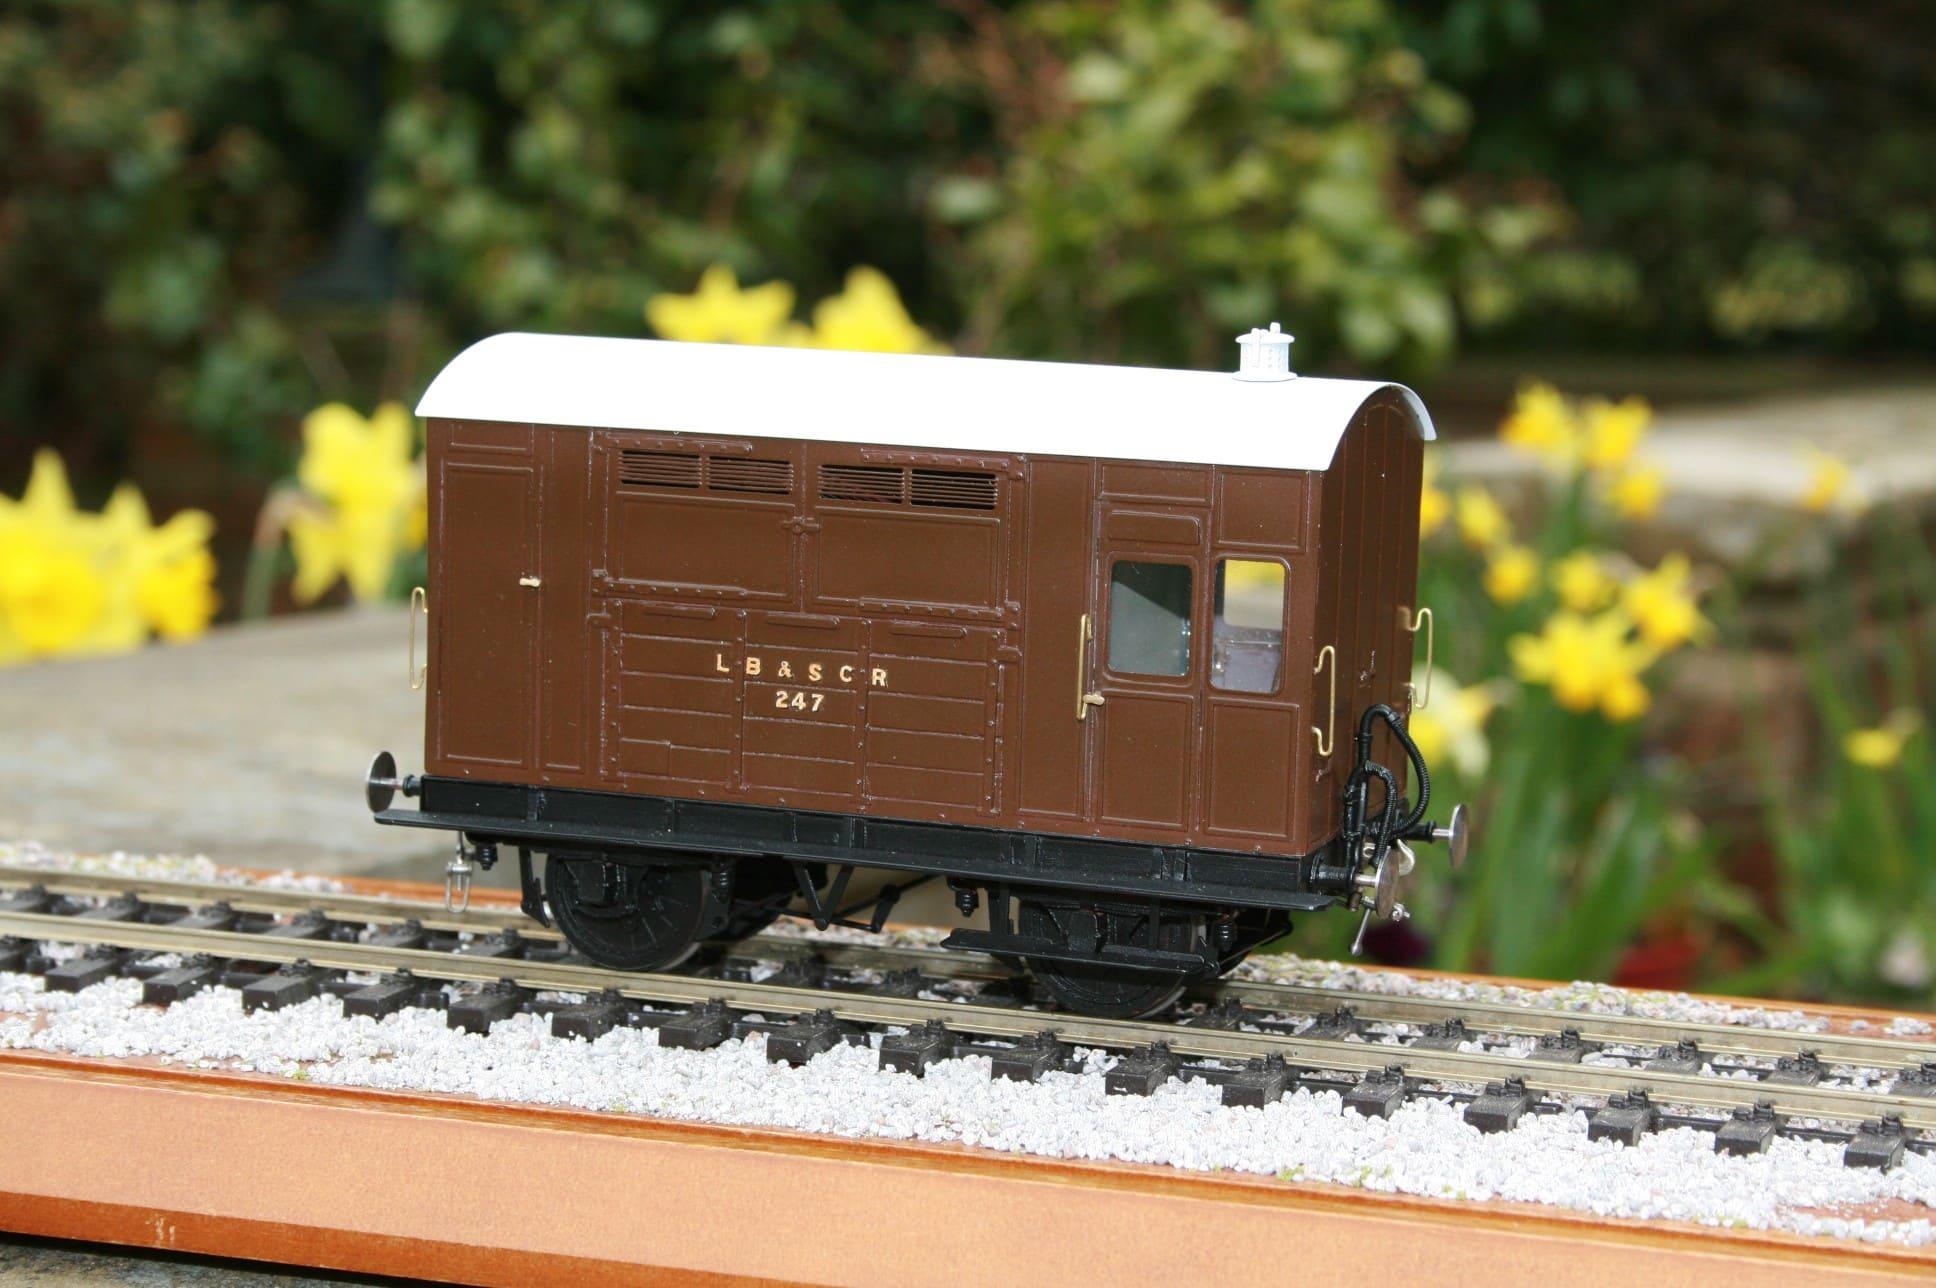 LB&SCR Horse Box r/n 247